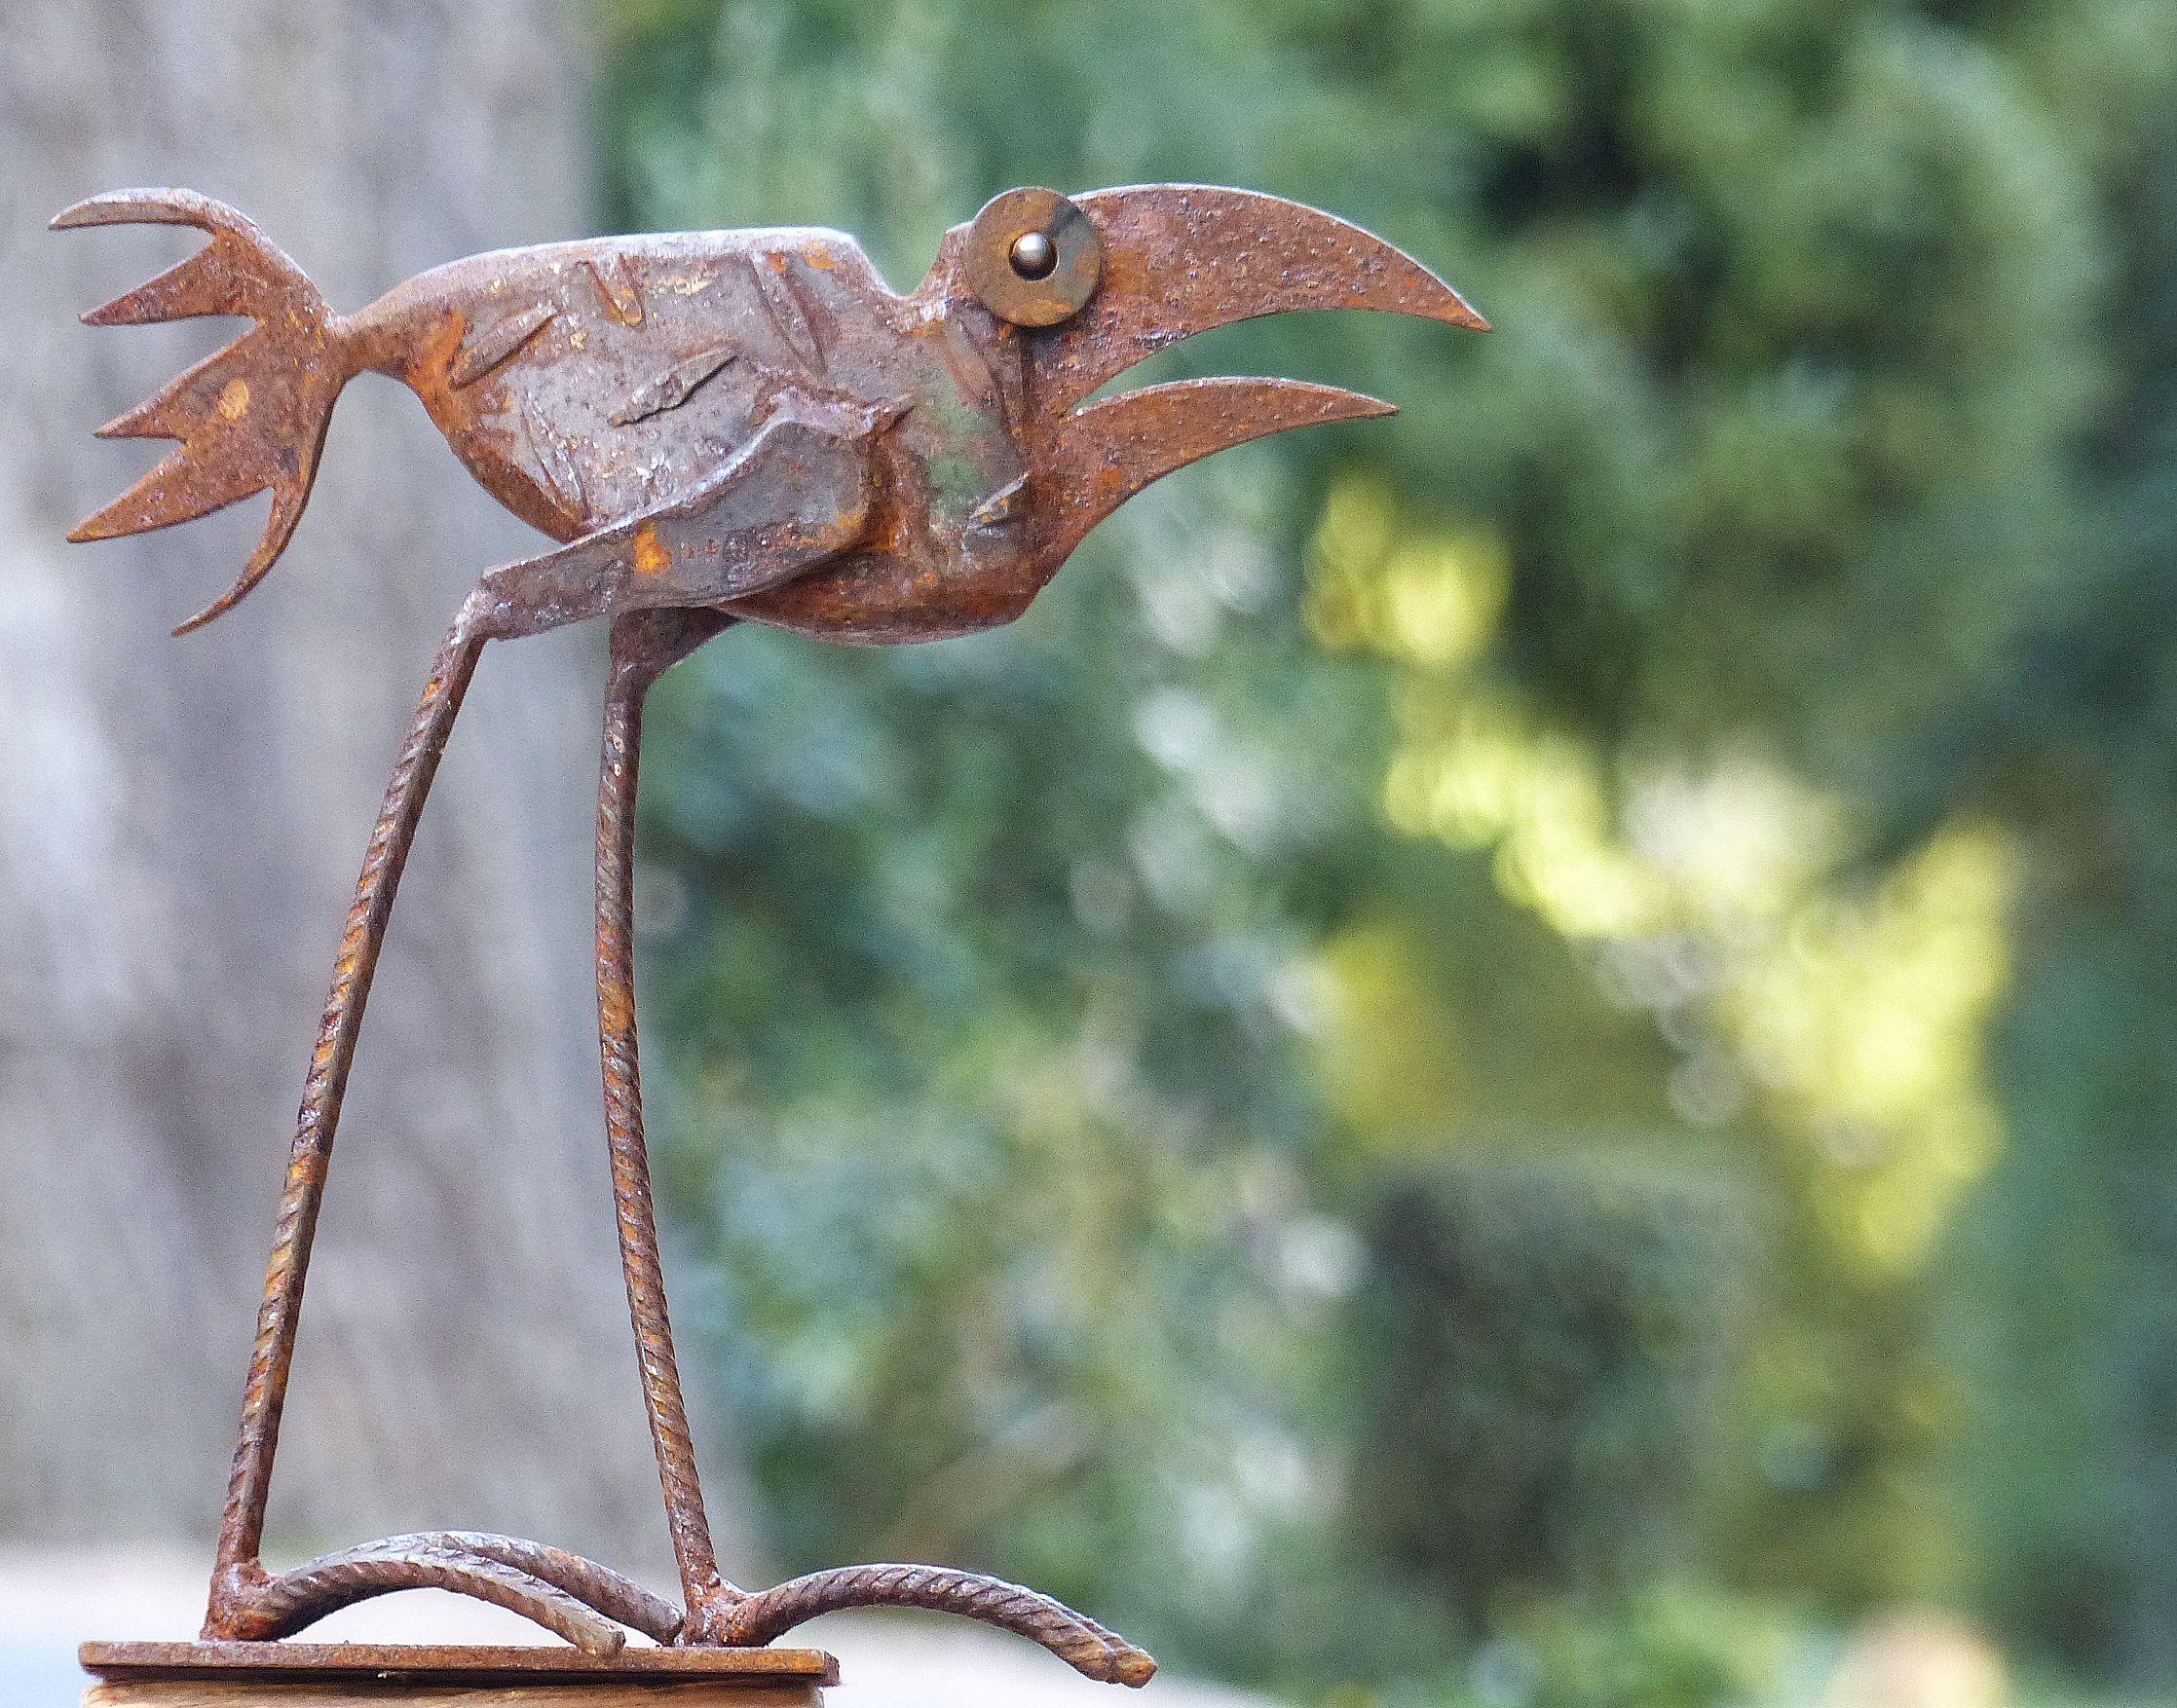 Chris Kircher hat diesen schönen Vogel aus Schrott geschweißt. Er ist aus altem Eisen vom Schrottplatz gefertigt – also Recycling Kunst. Der Vogel aus Metall ist geeignet für drinnen und draußen, zur Dekoration für Haus und Garten. Besuchen Sie ihren Online-Shop, um mehr von ihren sehr lebendigen und charakterstarken, witzigen Vögeln, Fischen und anderen Tieren aus Altmetall zu sehen sowie abstraktere zeitgenössische Skulpturen aus Stahl. Metall Kunst also.